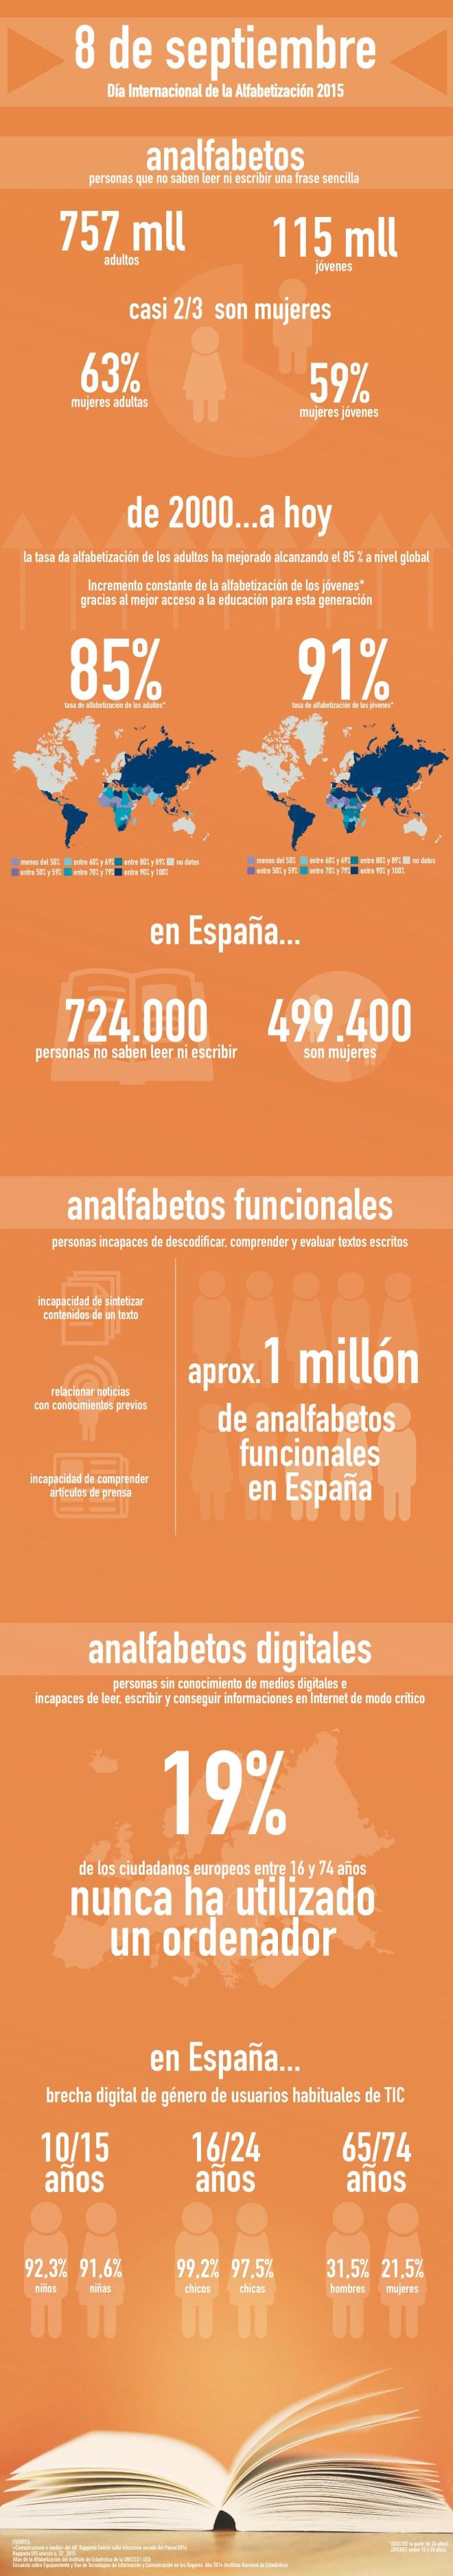 Datos sobre analfabetismo en el Mundo